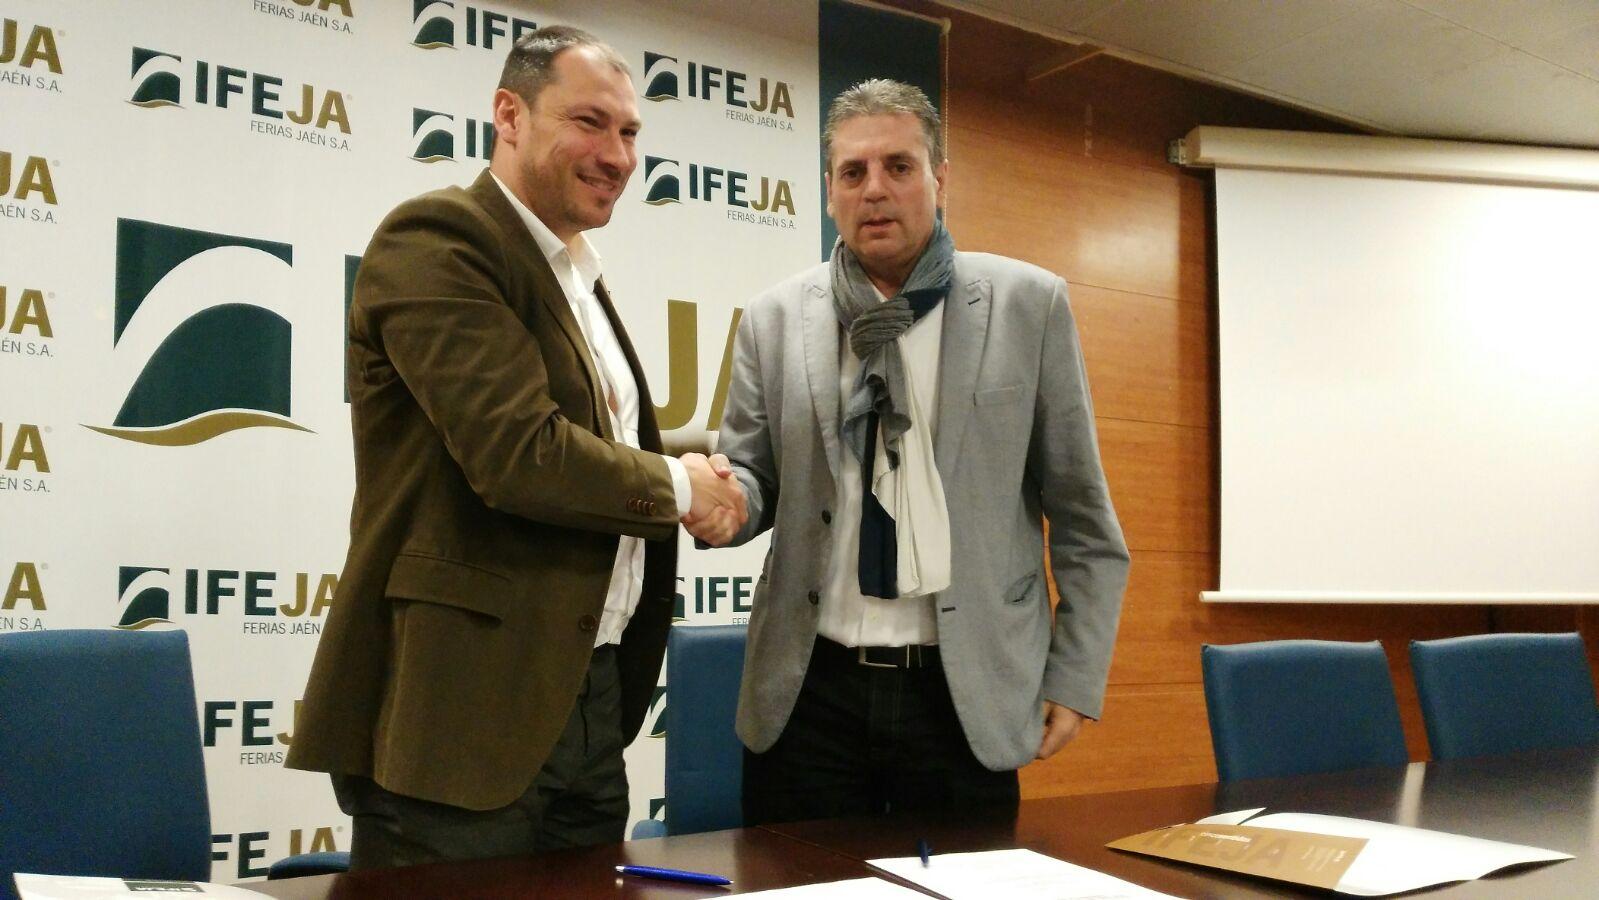 IFEJA renueva el convenio colaboración con la Asociación de Jóvenes Empresarios de Jaén